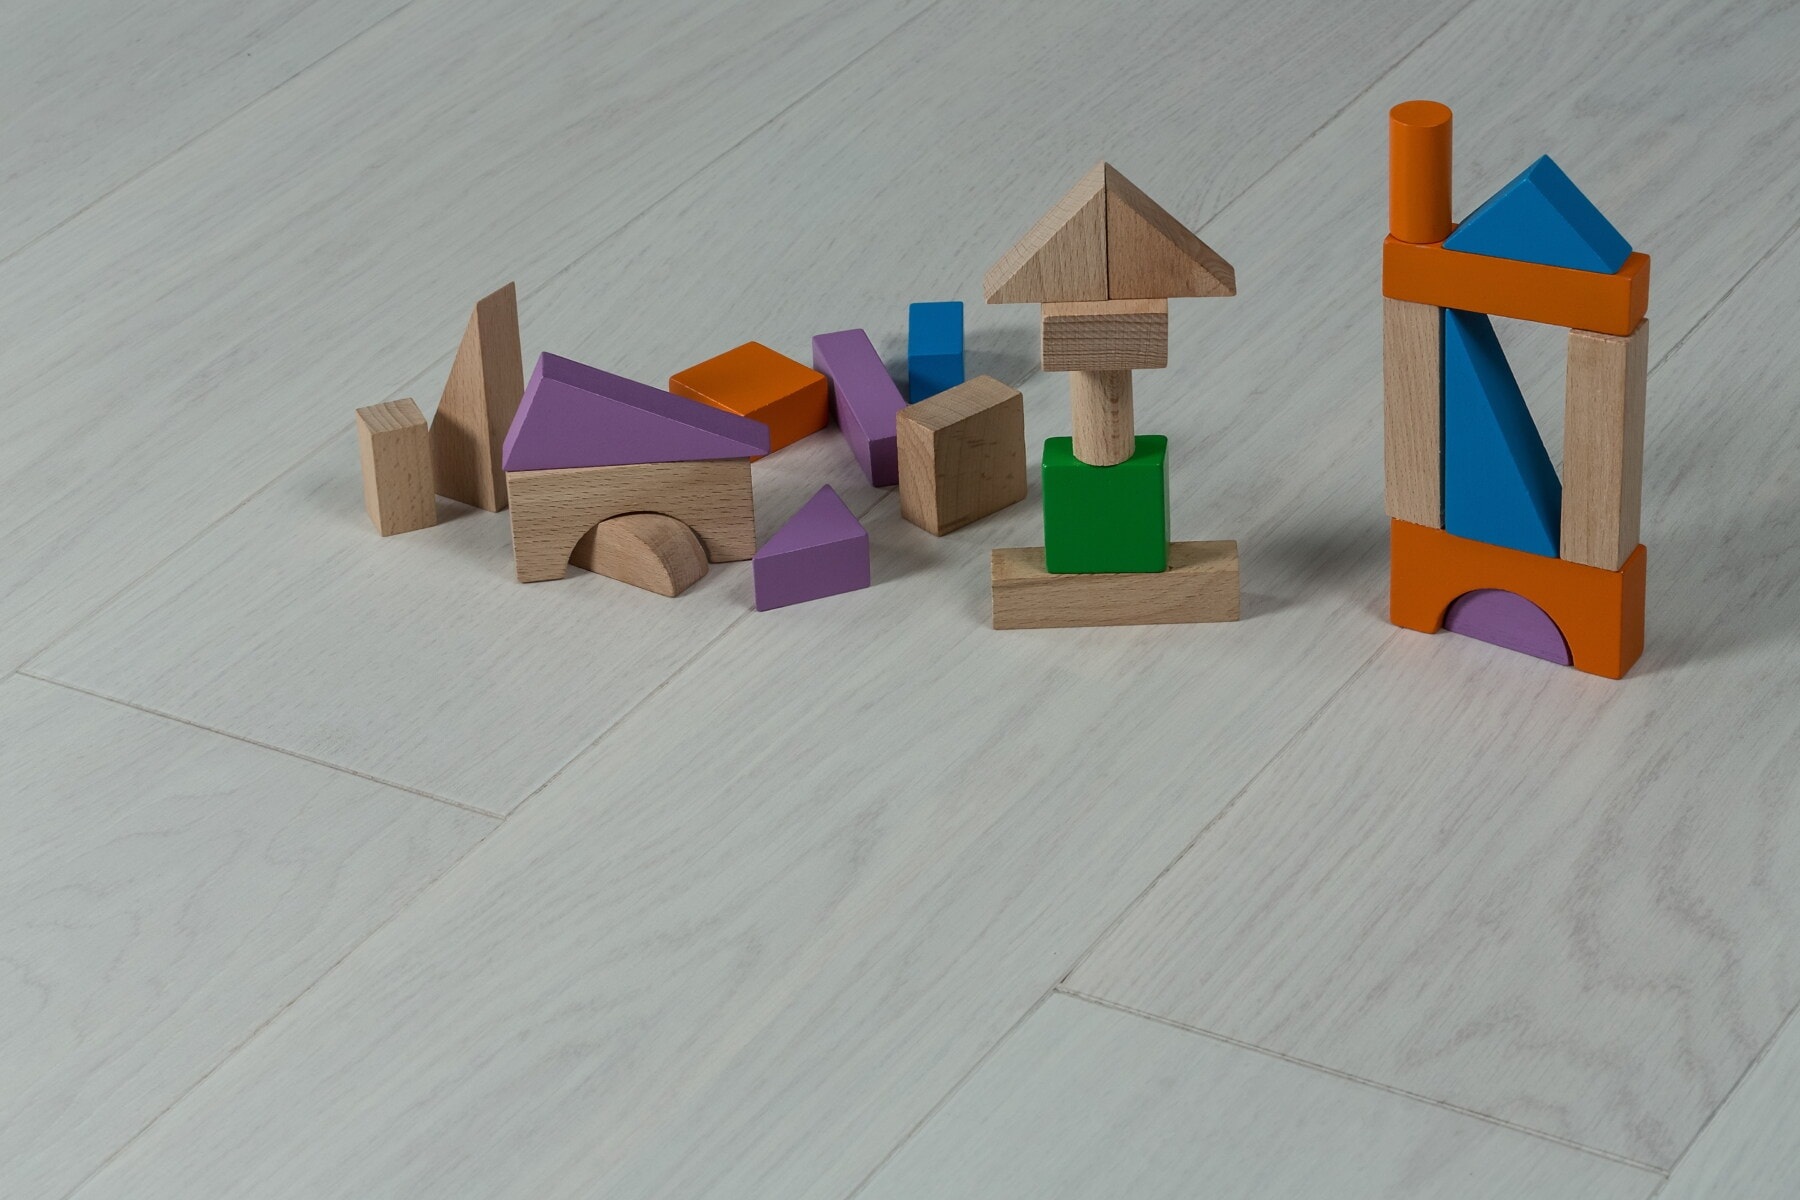 forma, brinquedos, geométricas, cubo, de madeira, triângulo, colorido, em miniatura, peças, criatividade